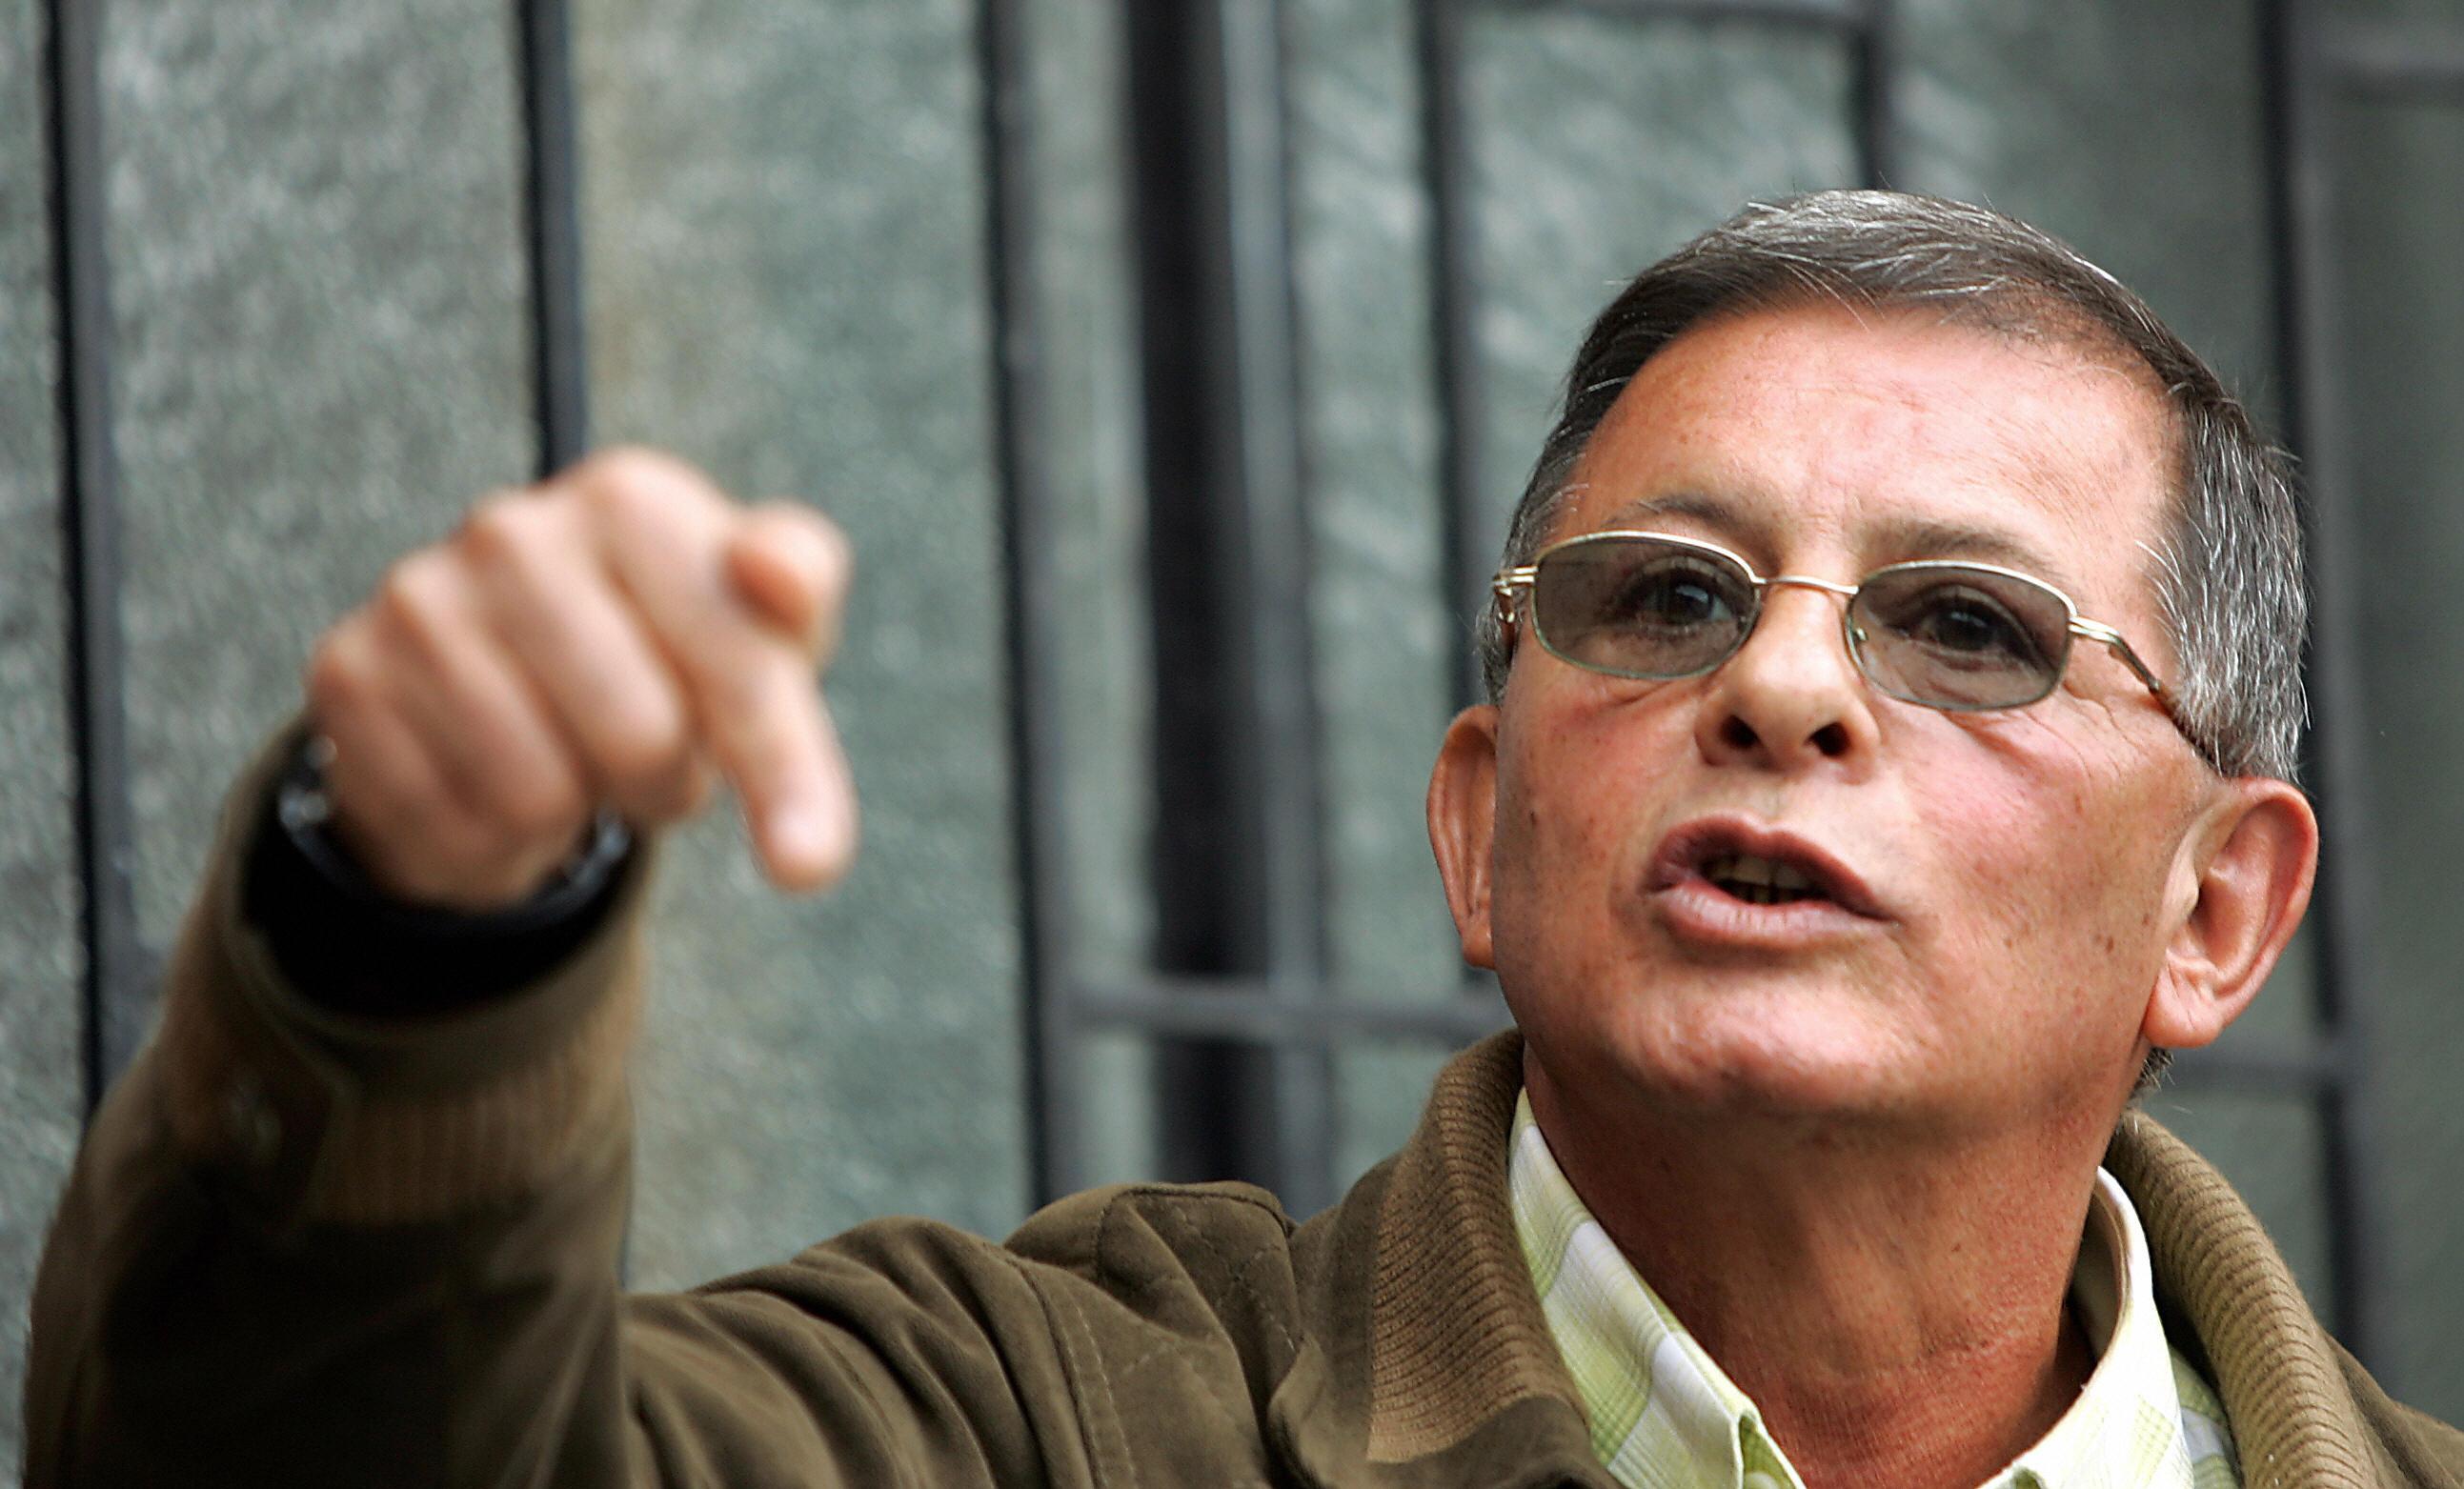 En 2005, tras la captura en Venezuela de Ricardo Téllez, alias Rodrigo Granda, líder la guerrilla de las FARC, el presidente Hugo Chávez exigió a Bogotá una disculpa por considerar que se había violado la soberanía nacional al realizar la operación sin informar a las autoridades. (Crédito: RODRIGO ARANGUA/AFP/Getty Images)